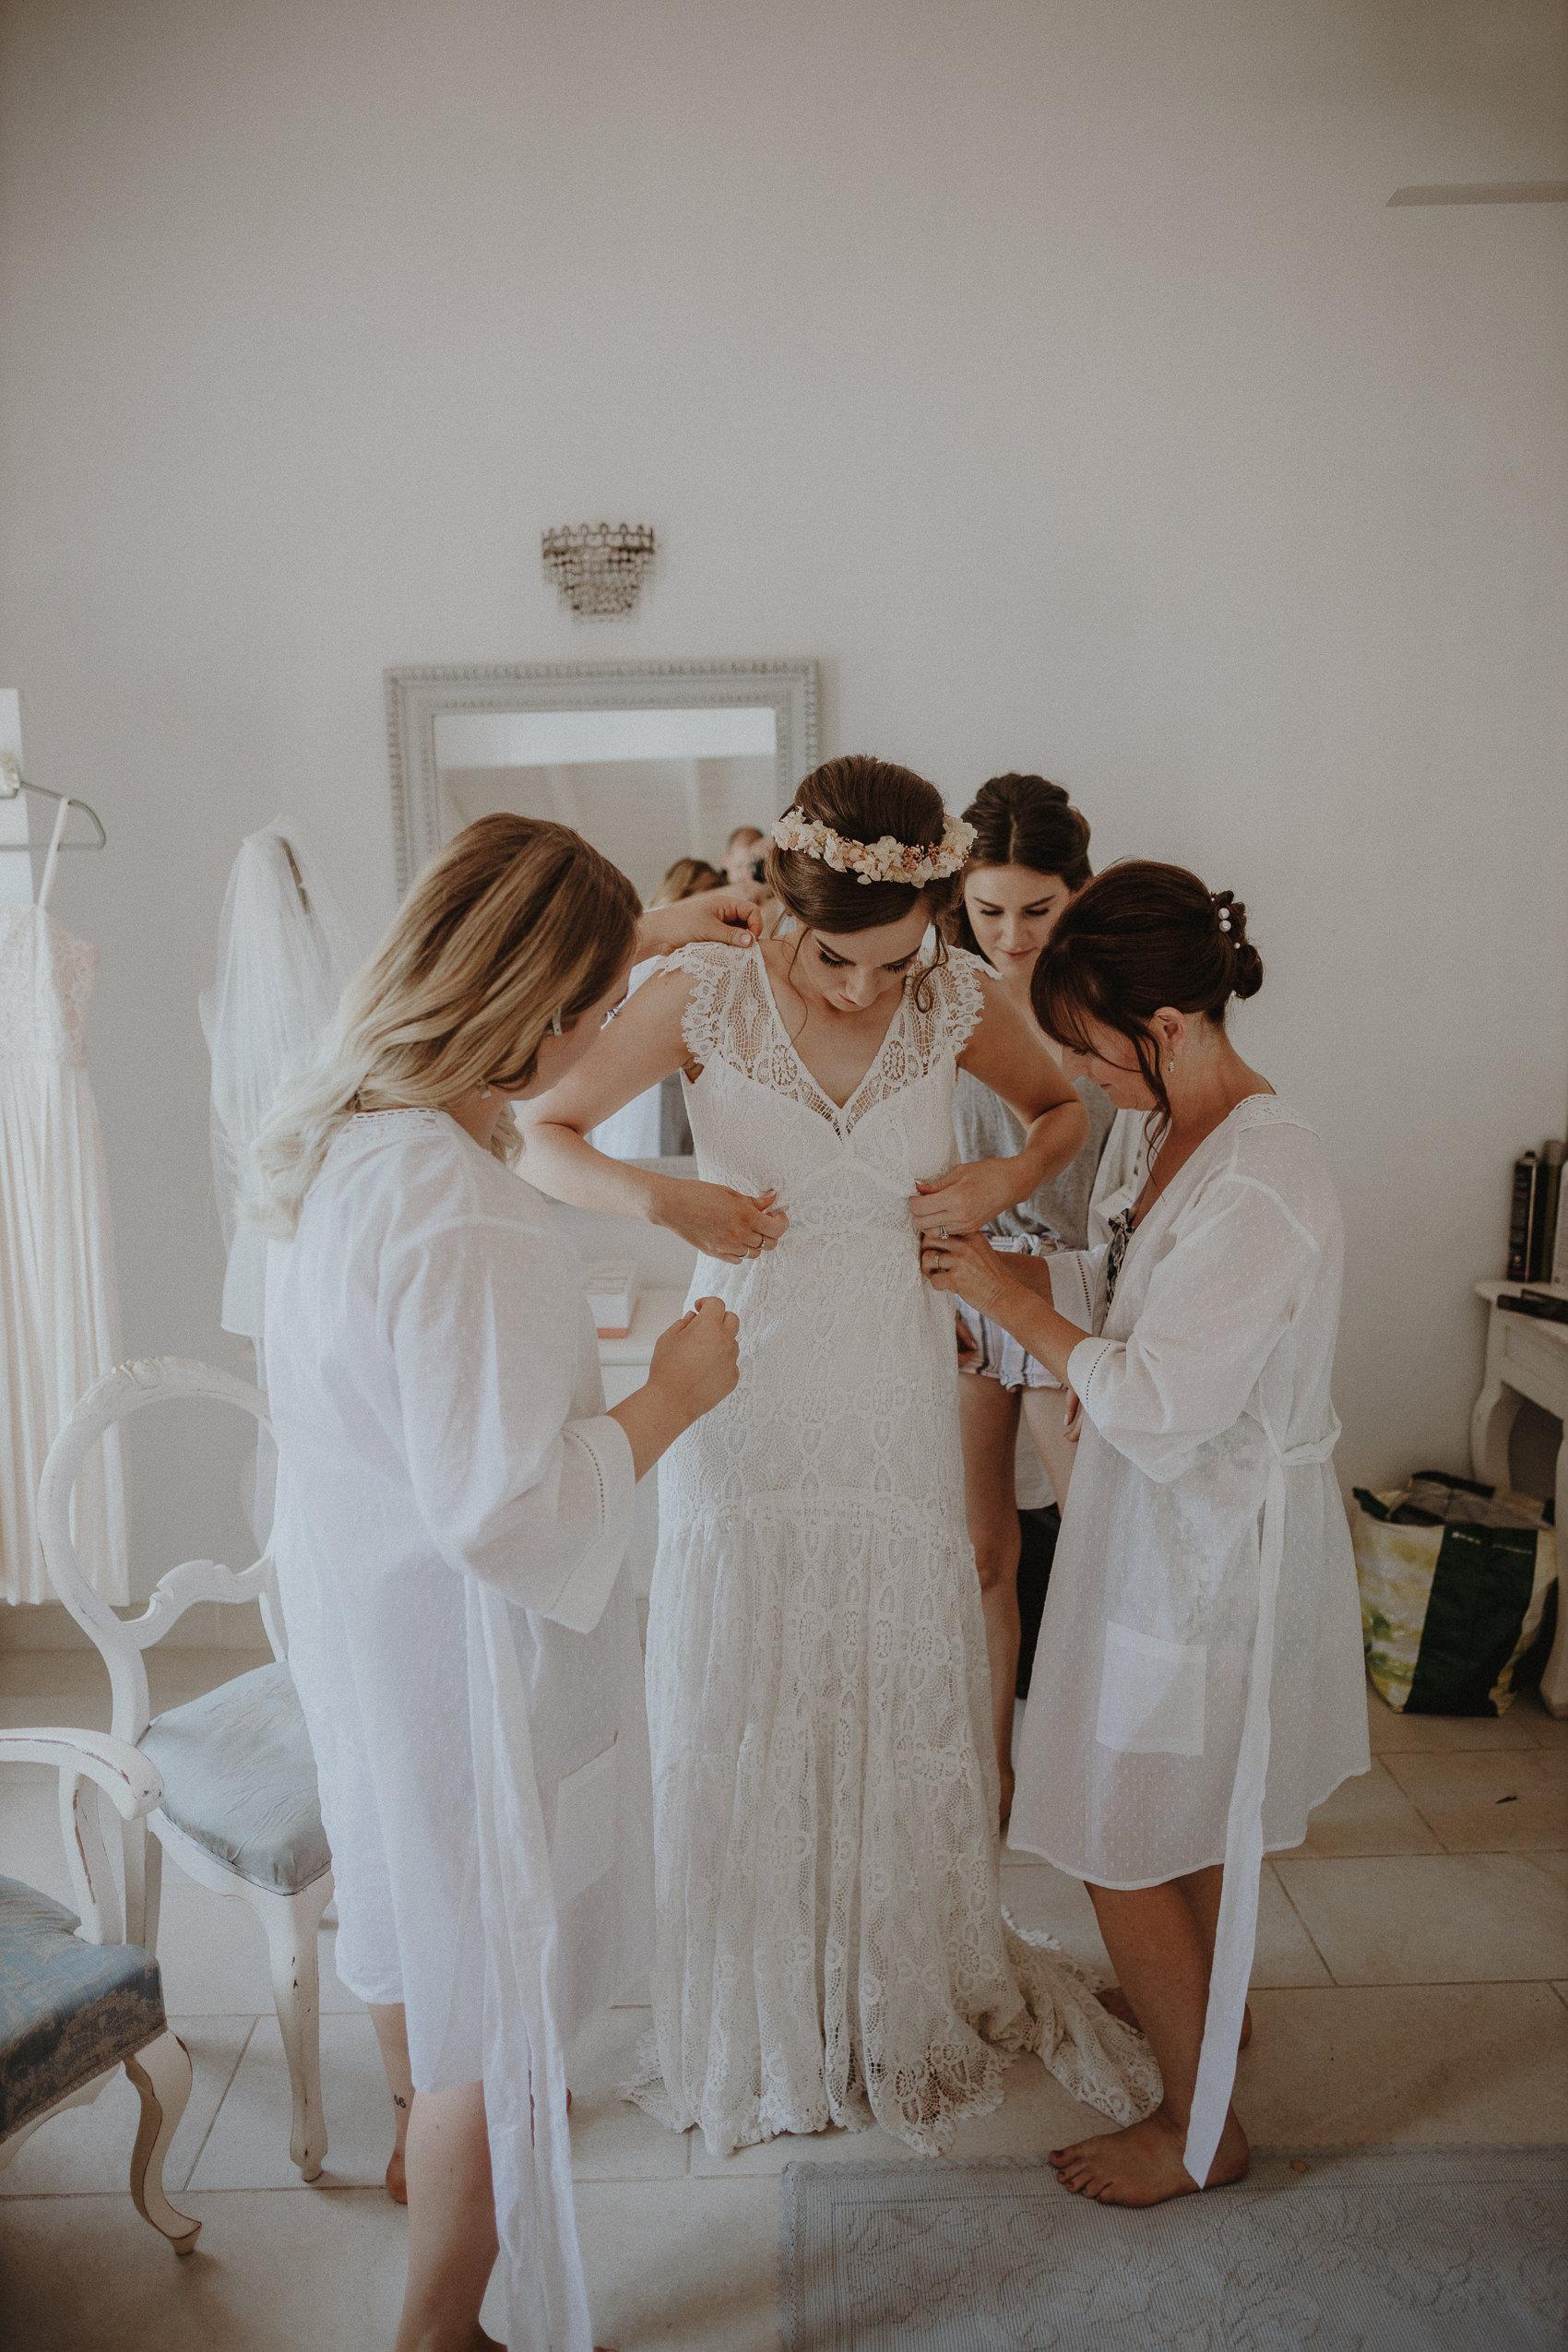 Sarah & Bill | Summer wedding at Cortijo Rosa Blanca | Marbella - Spain 45